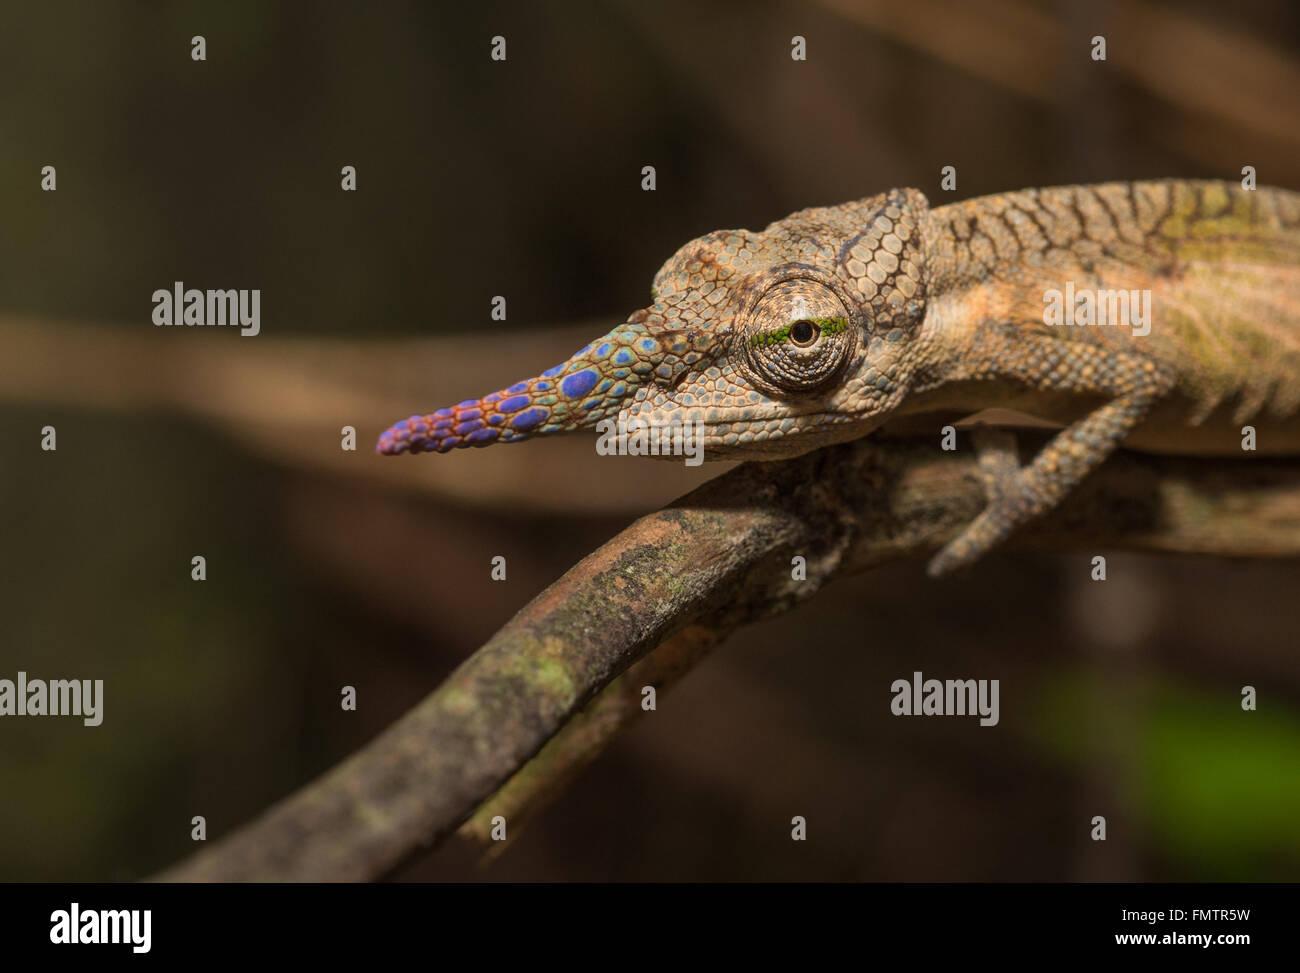 Colorful chameleon of Madagascar - Stock Image